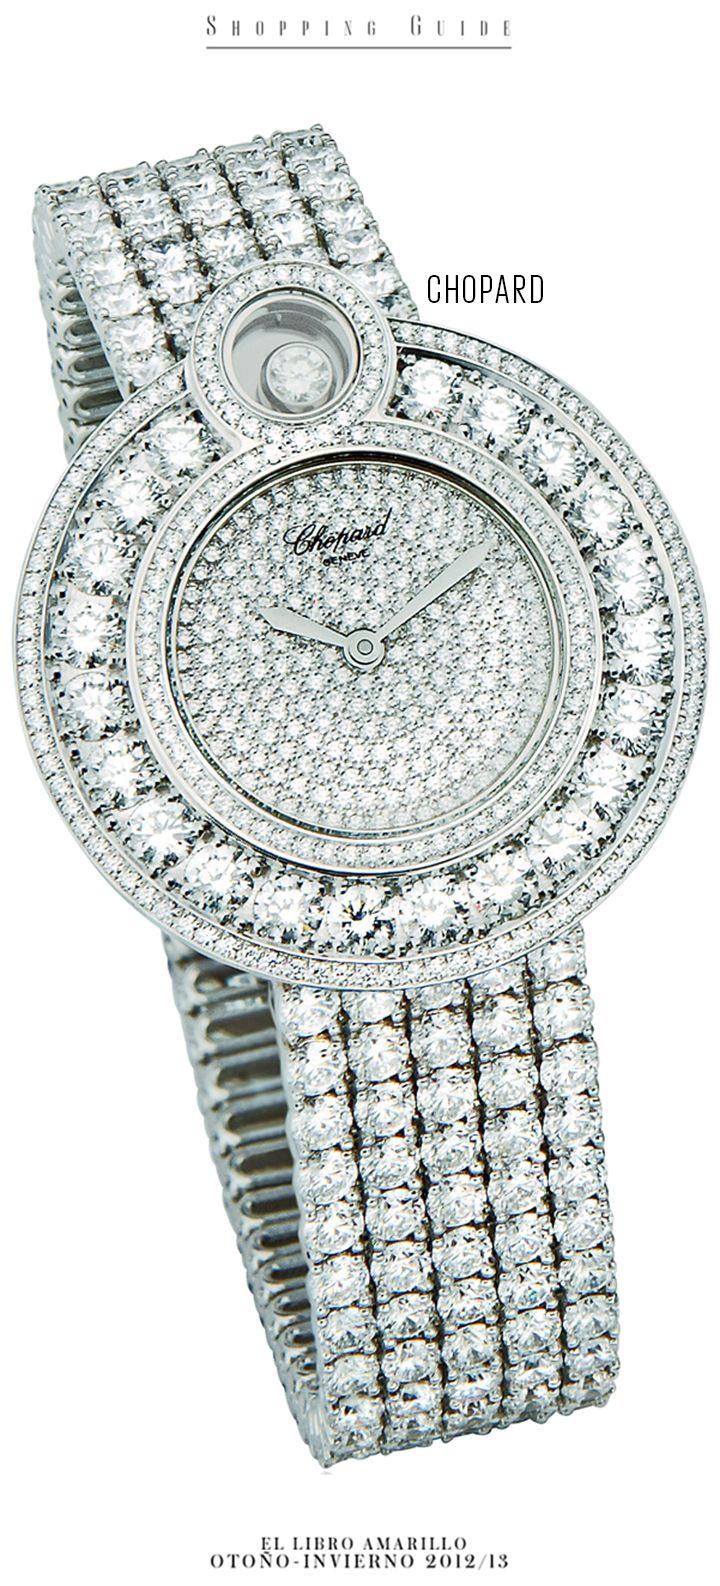 f7ecbc55bf3e Mujer - Reloj - Chopard - El Palacio de Hierro - El Libro Amarillo  Otoño Invierno 12 13